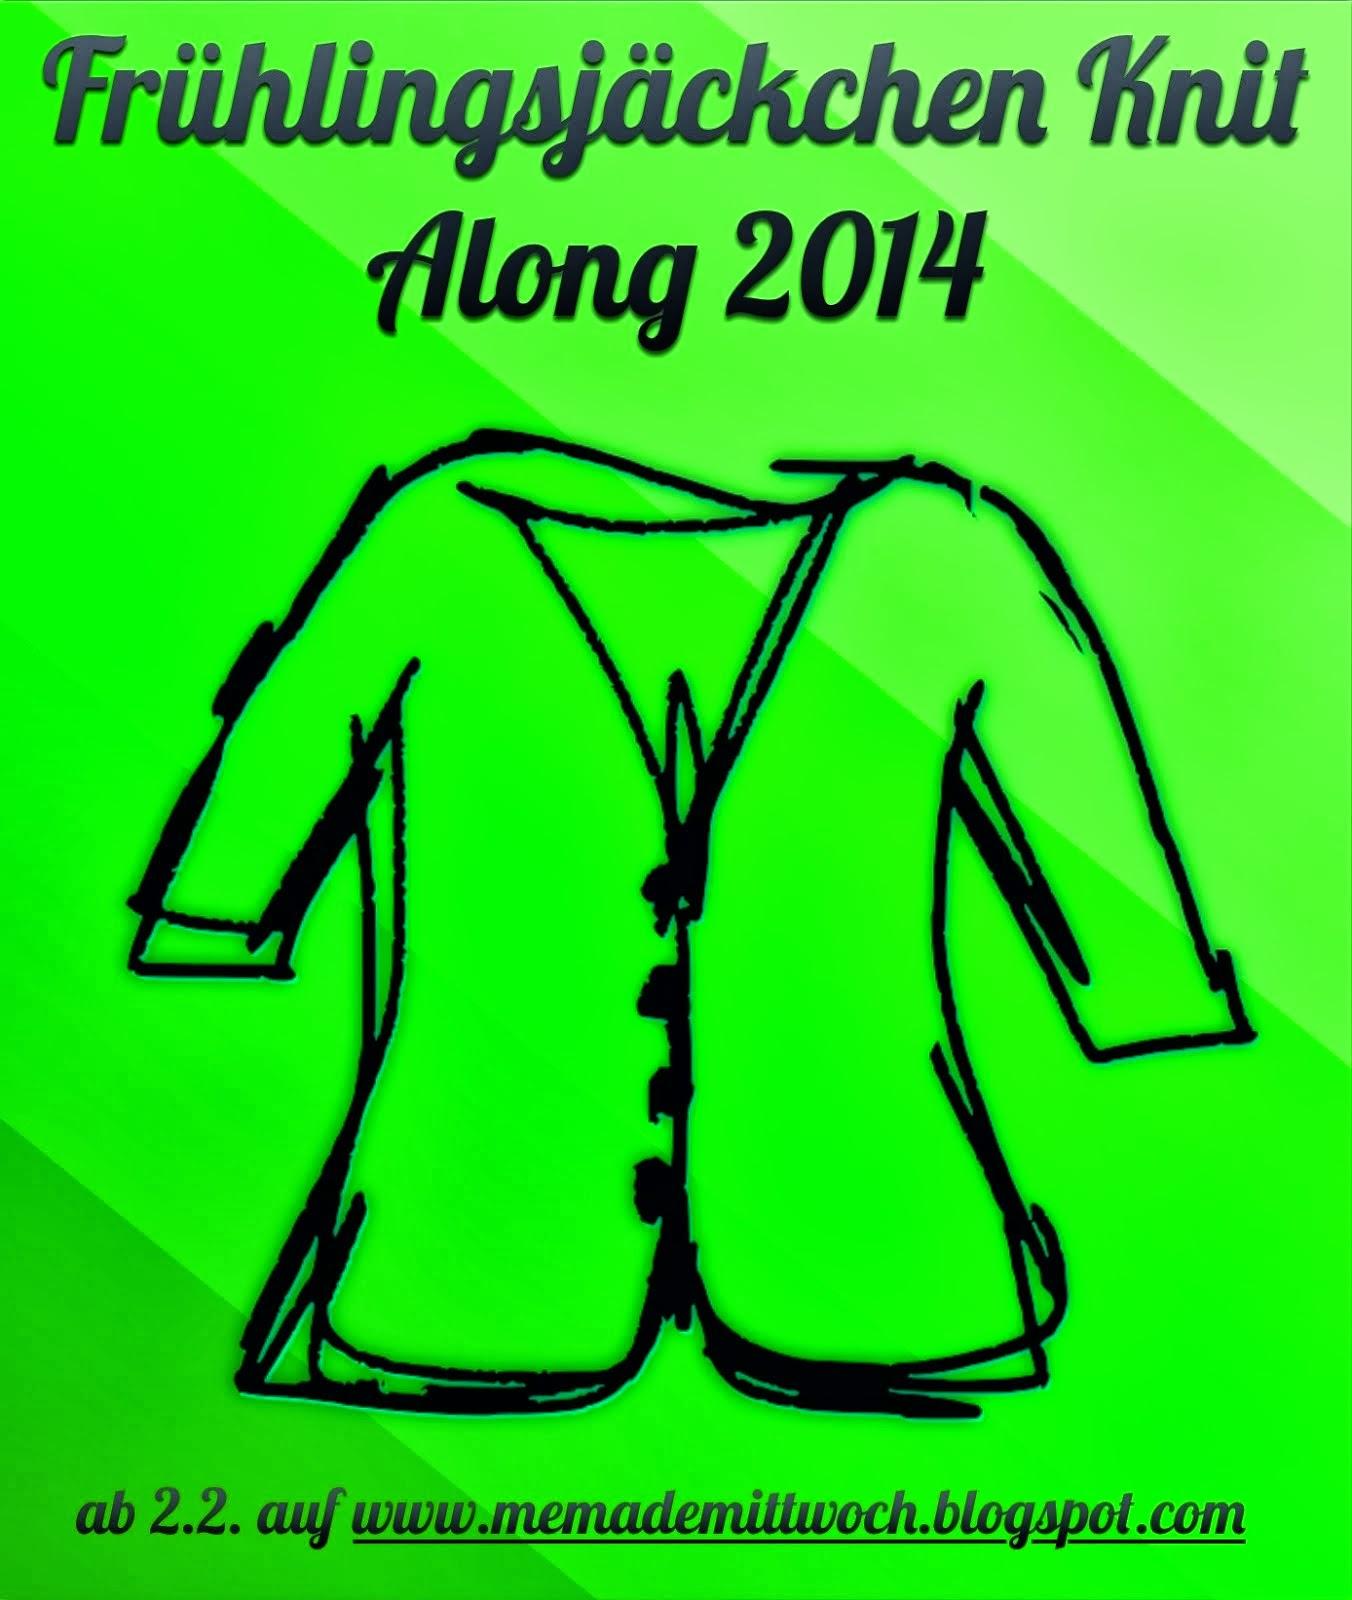 Frühlingsjäckchen Knit Along 2014